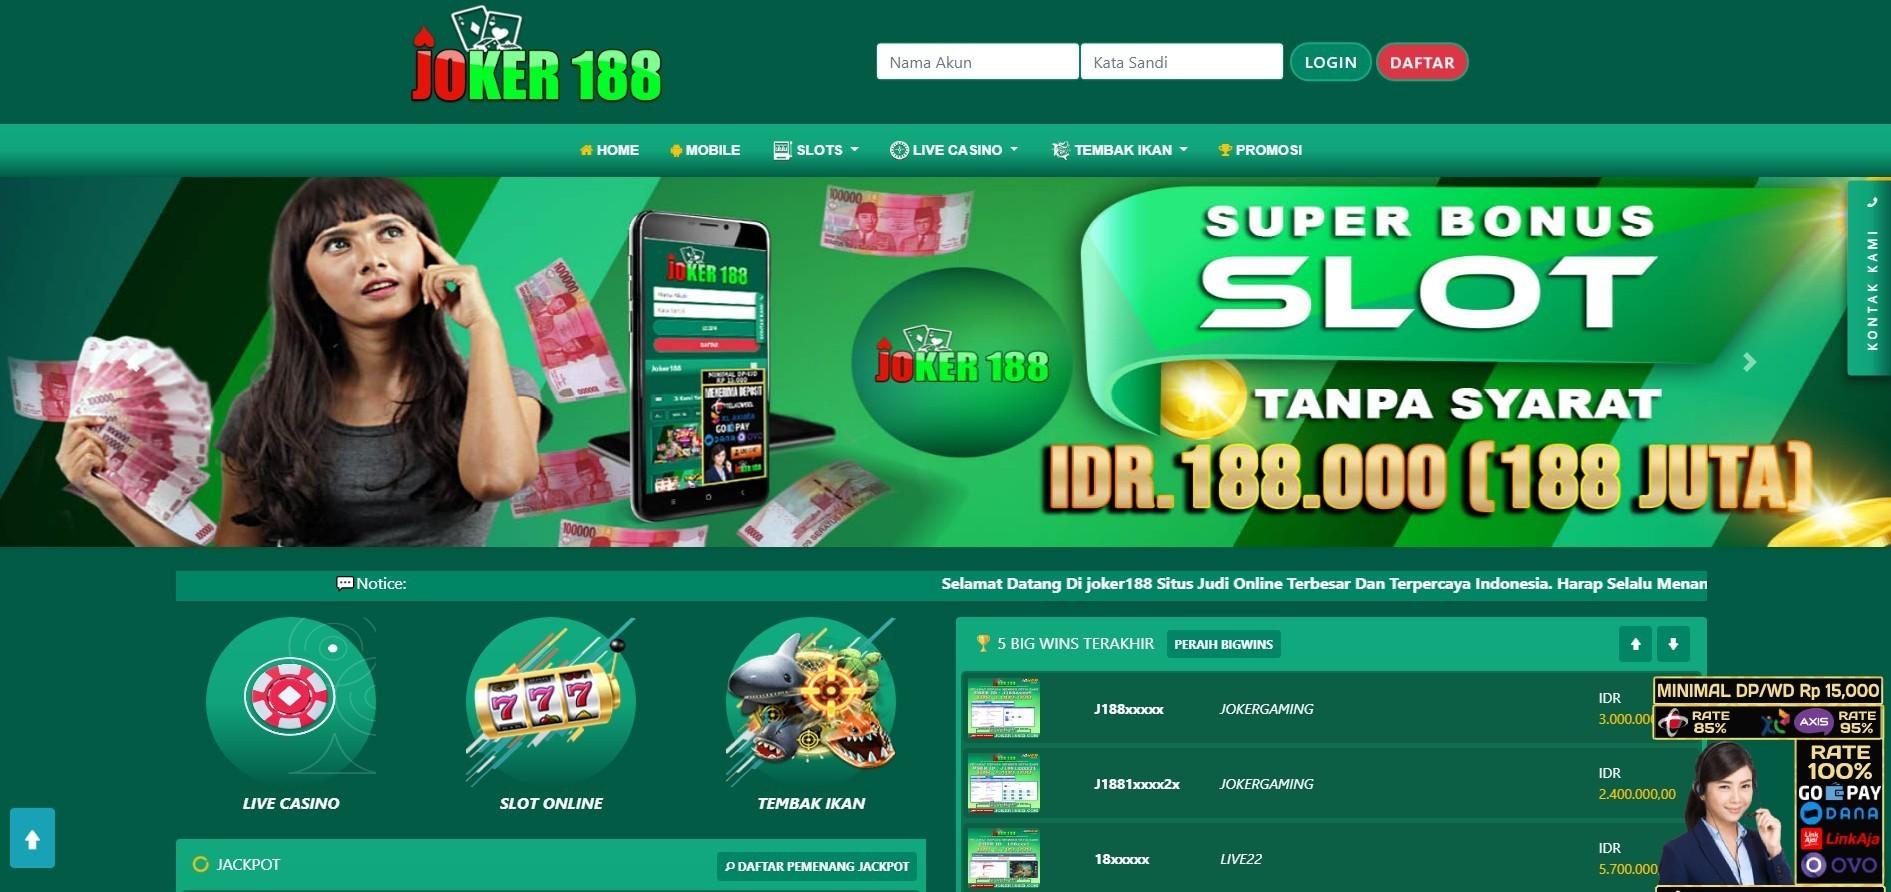 Jual Tiket Joker188 Situs Mesin Slots Online Deposit Aplikasi Dana Loket Com